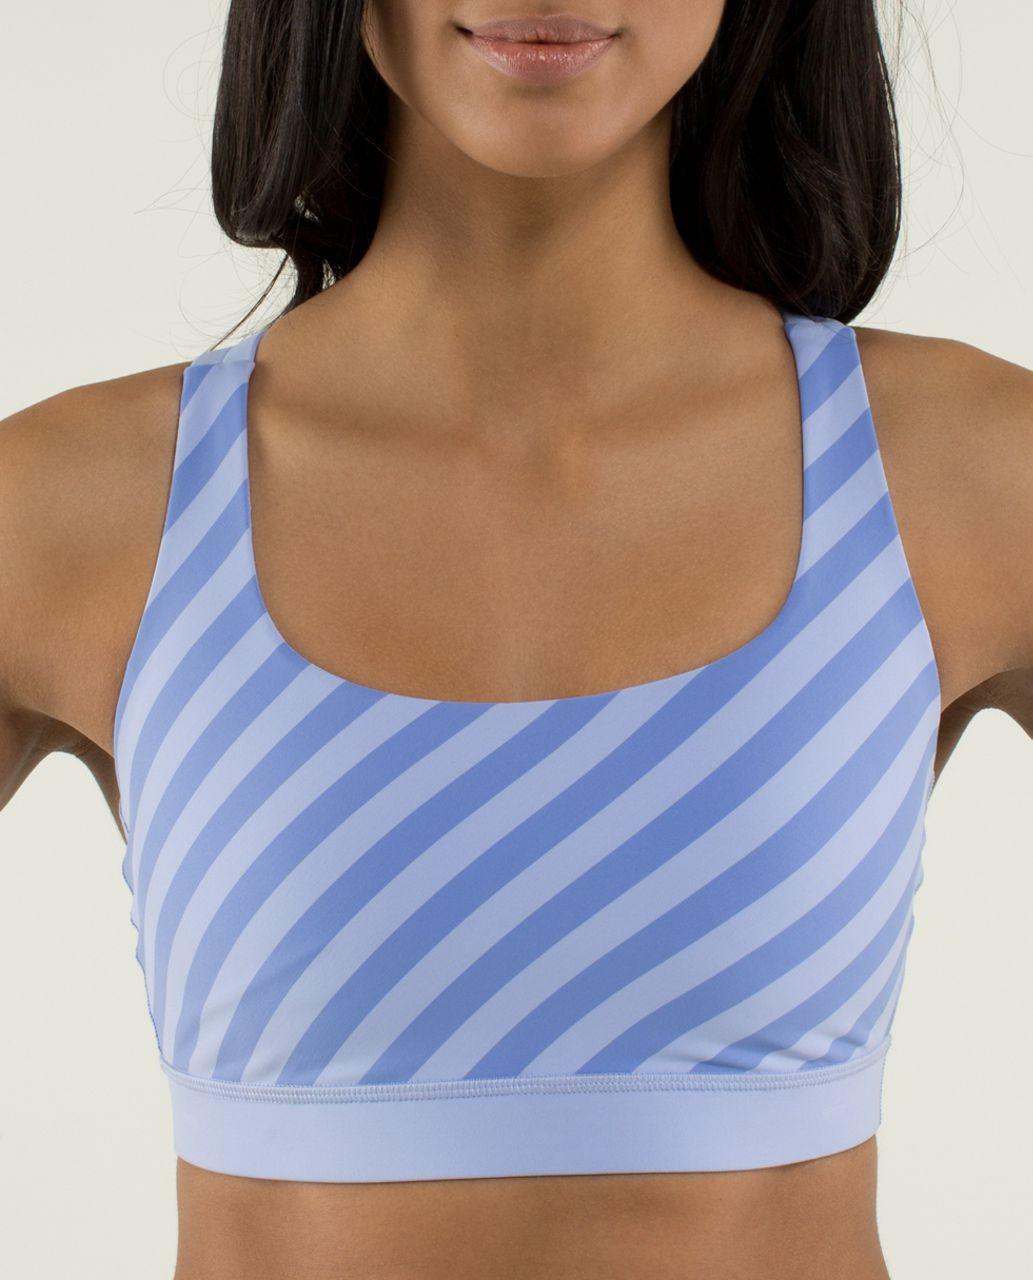 Lululemon Energy Bra - Apex Stripe Lavender Dusk / Lavender Dusk